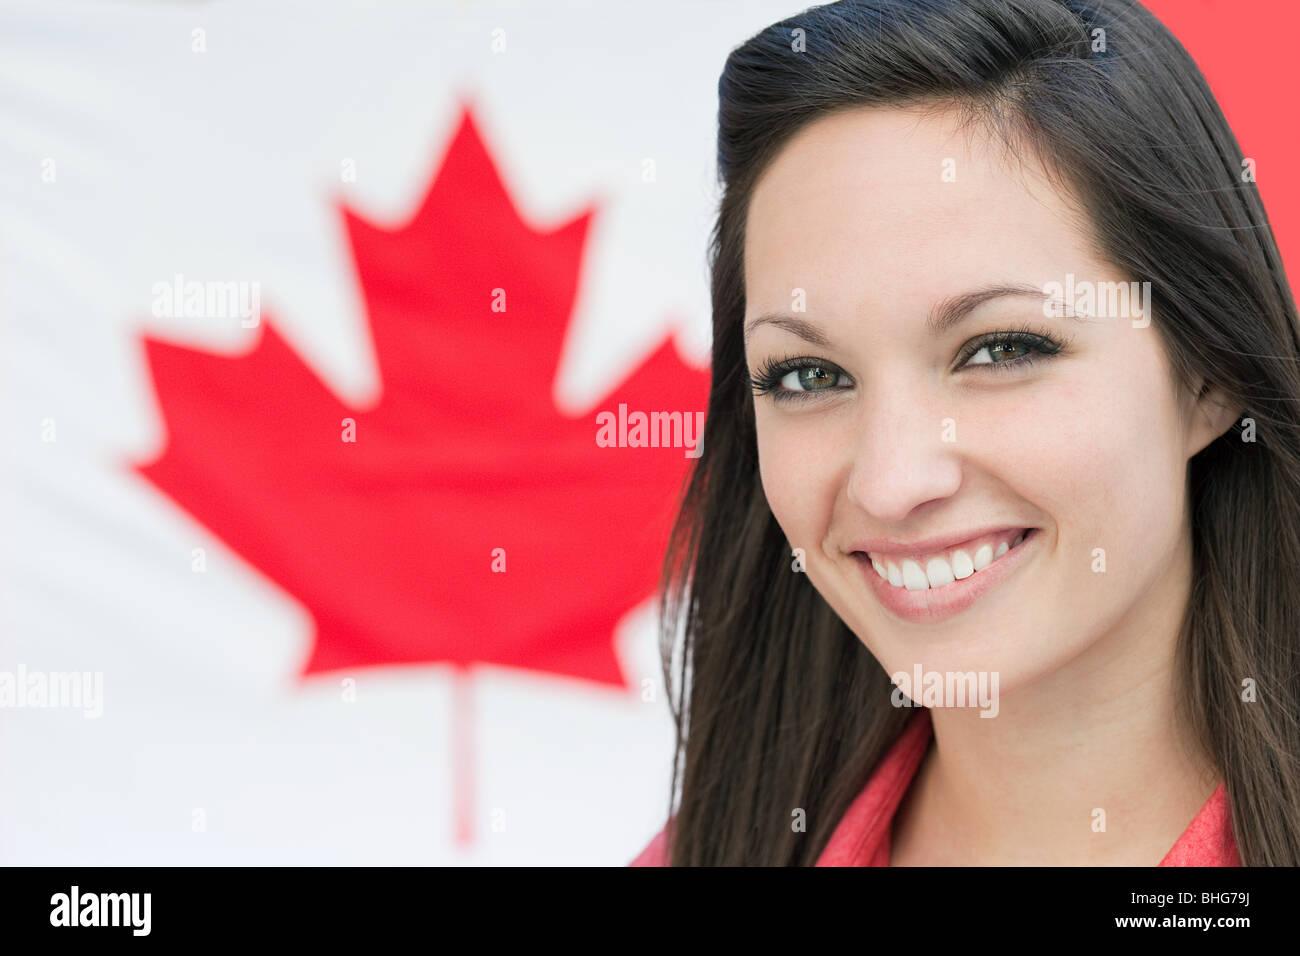 Amerikanisches Mädchen von Kanadische Kerl Herpes datiert Website kostenlos